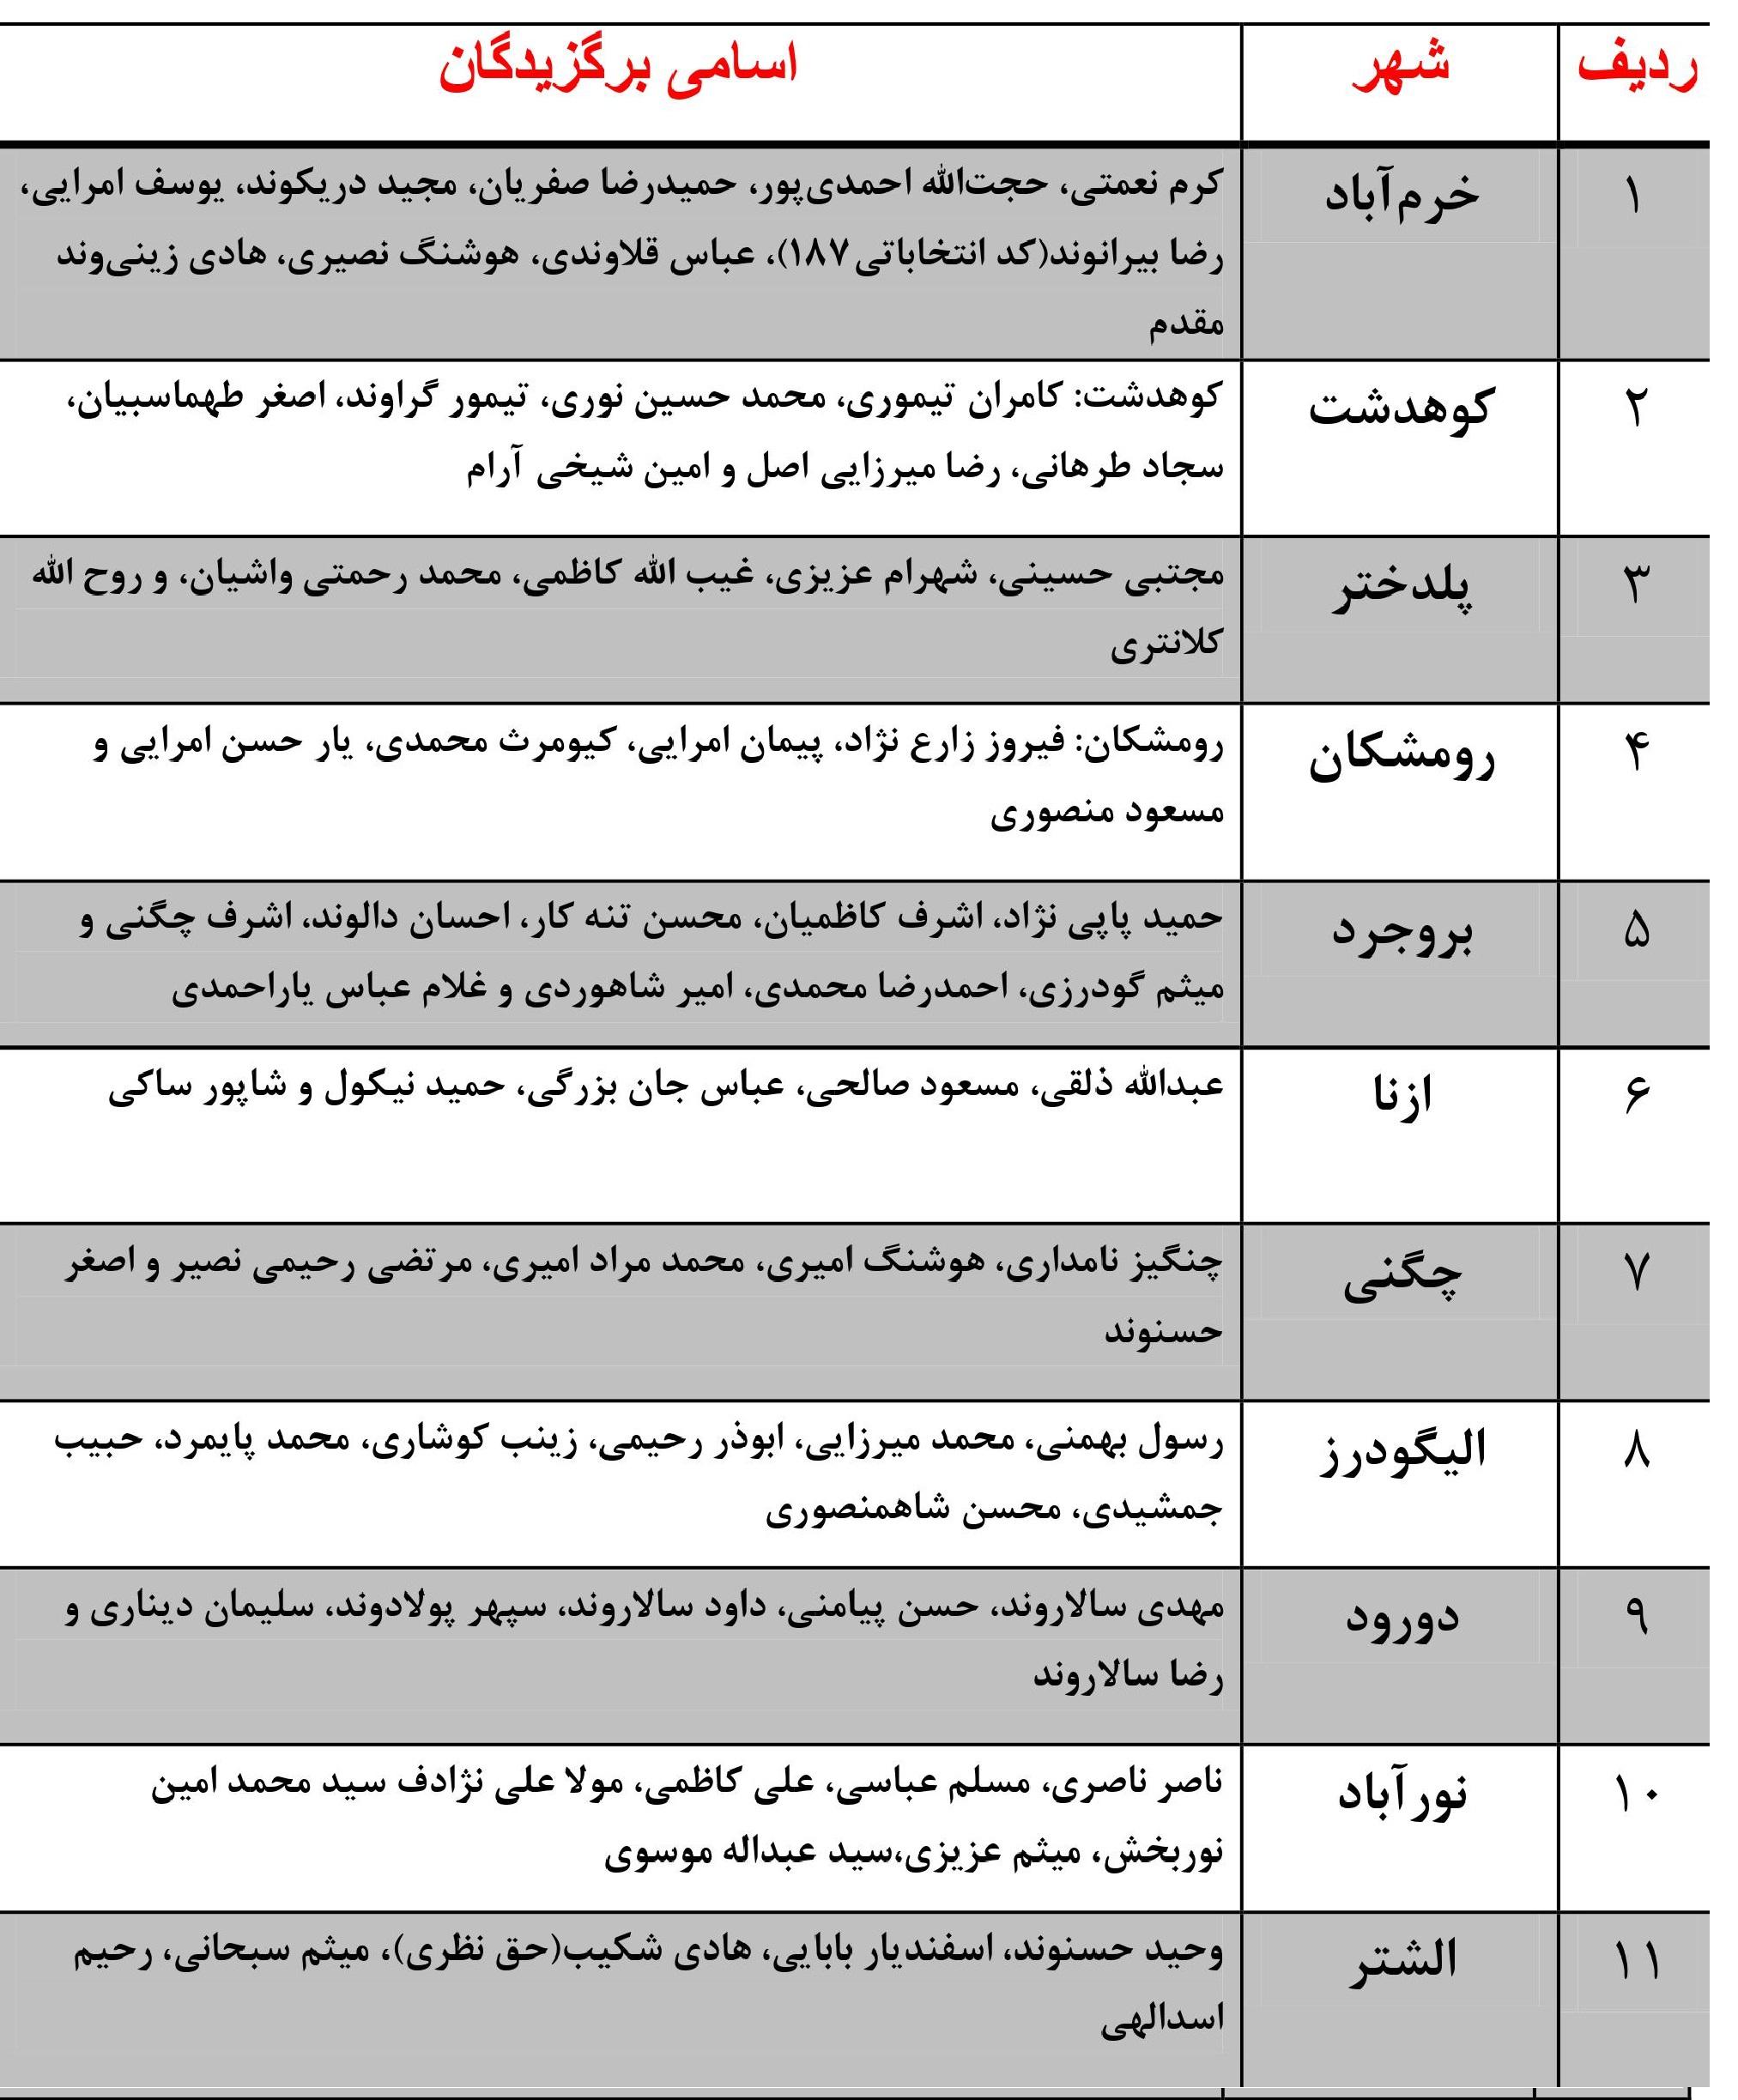 01 11 | نتایج انتخابات شوراهای شهر در لرستان | امید لرستان